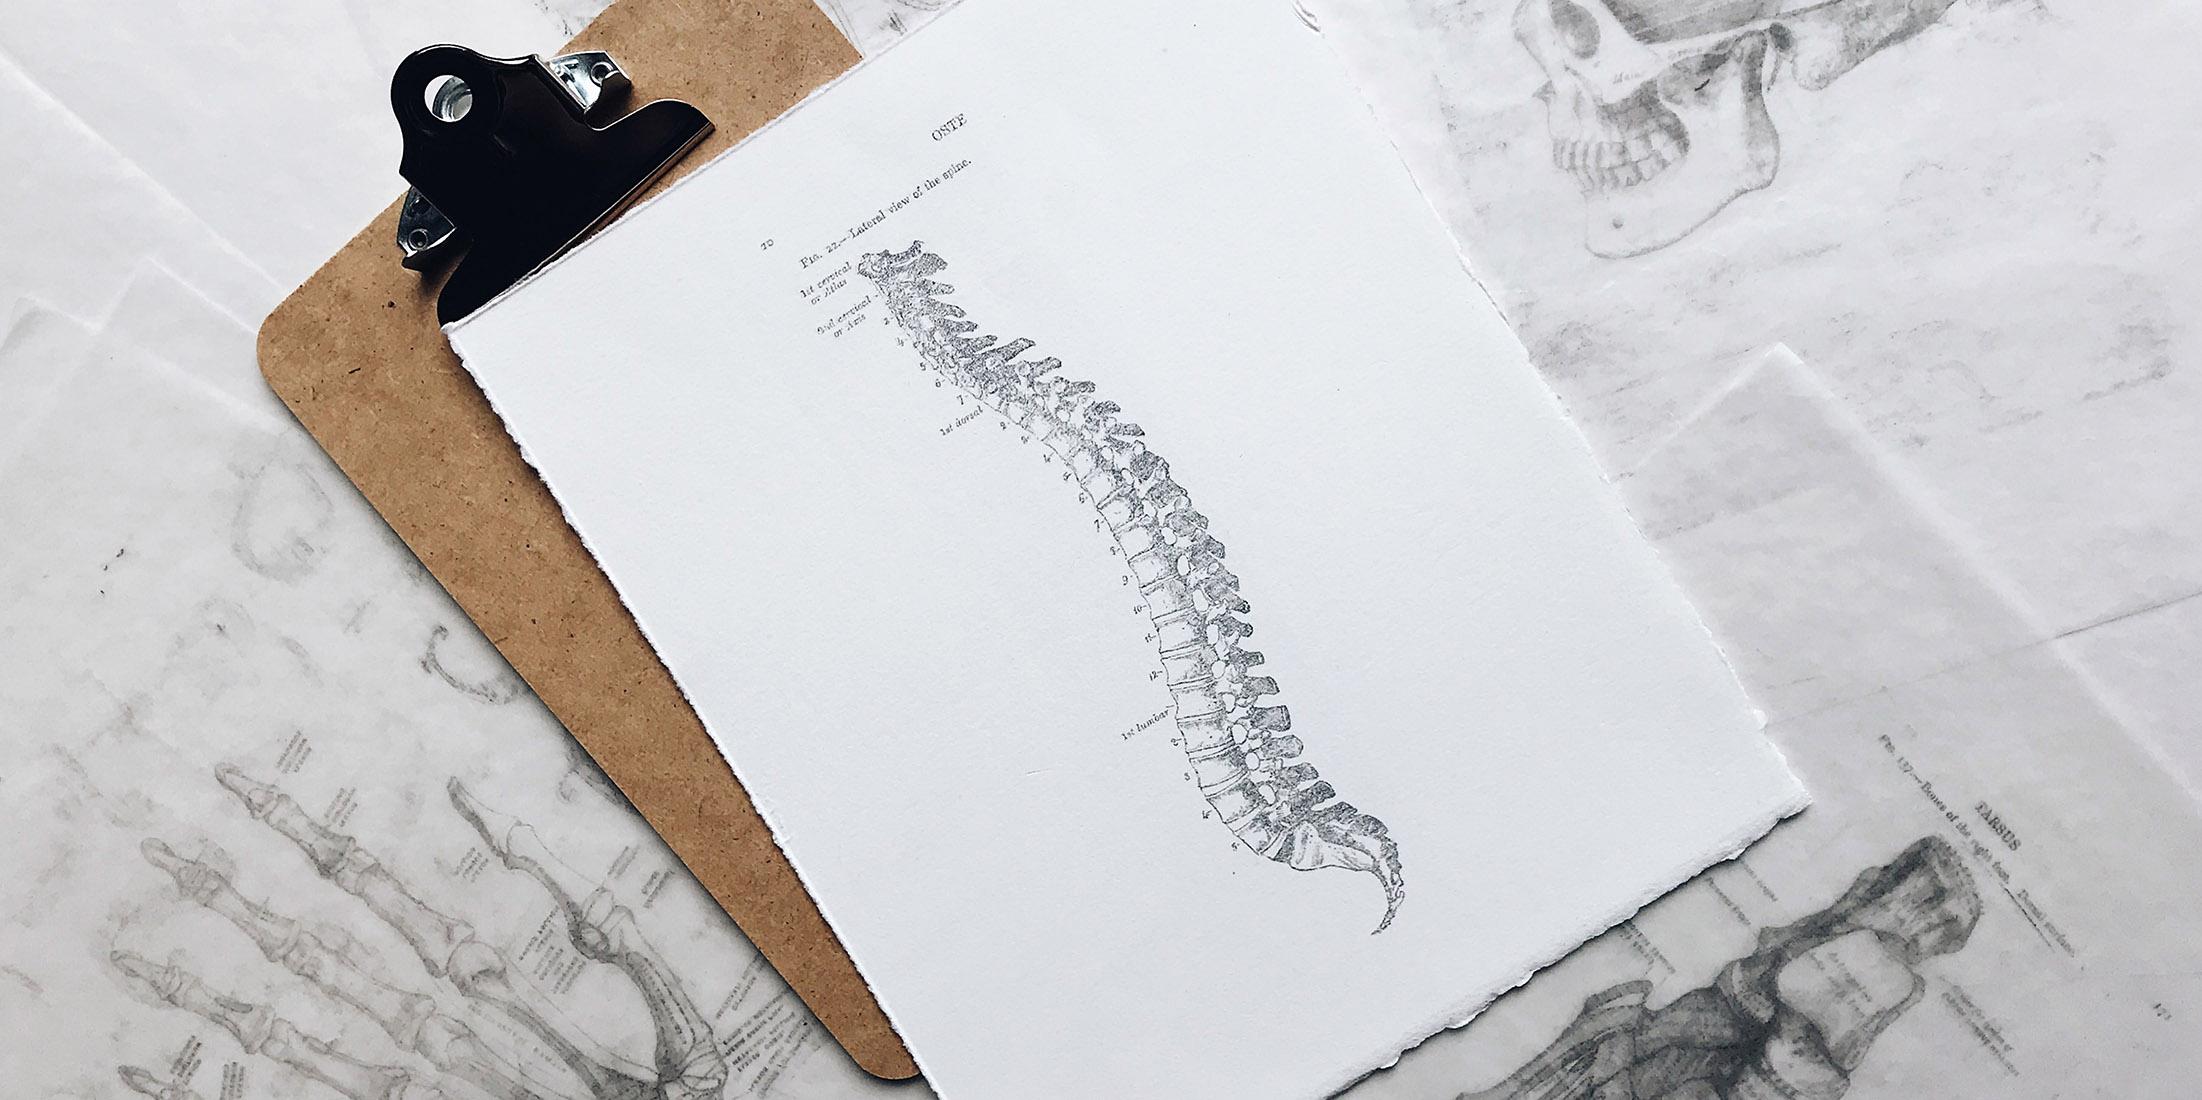 Le ossa: solidità, flessibilità e sostegno | Corso online di Franco Bottalo e Maurizio Parini